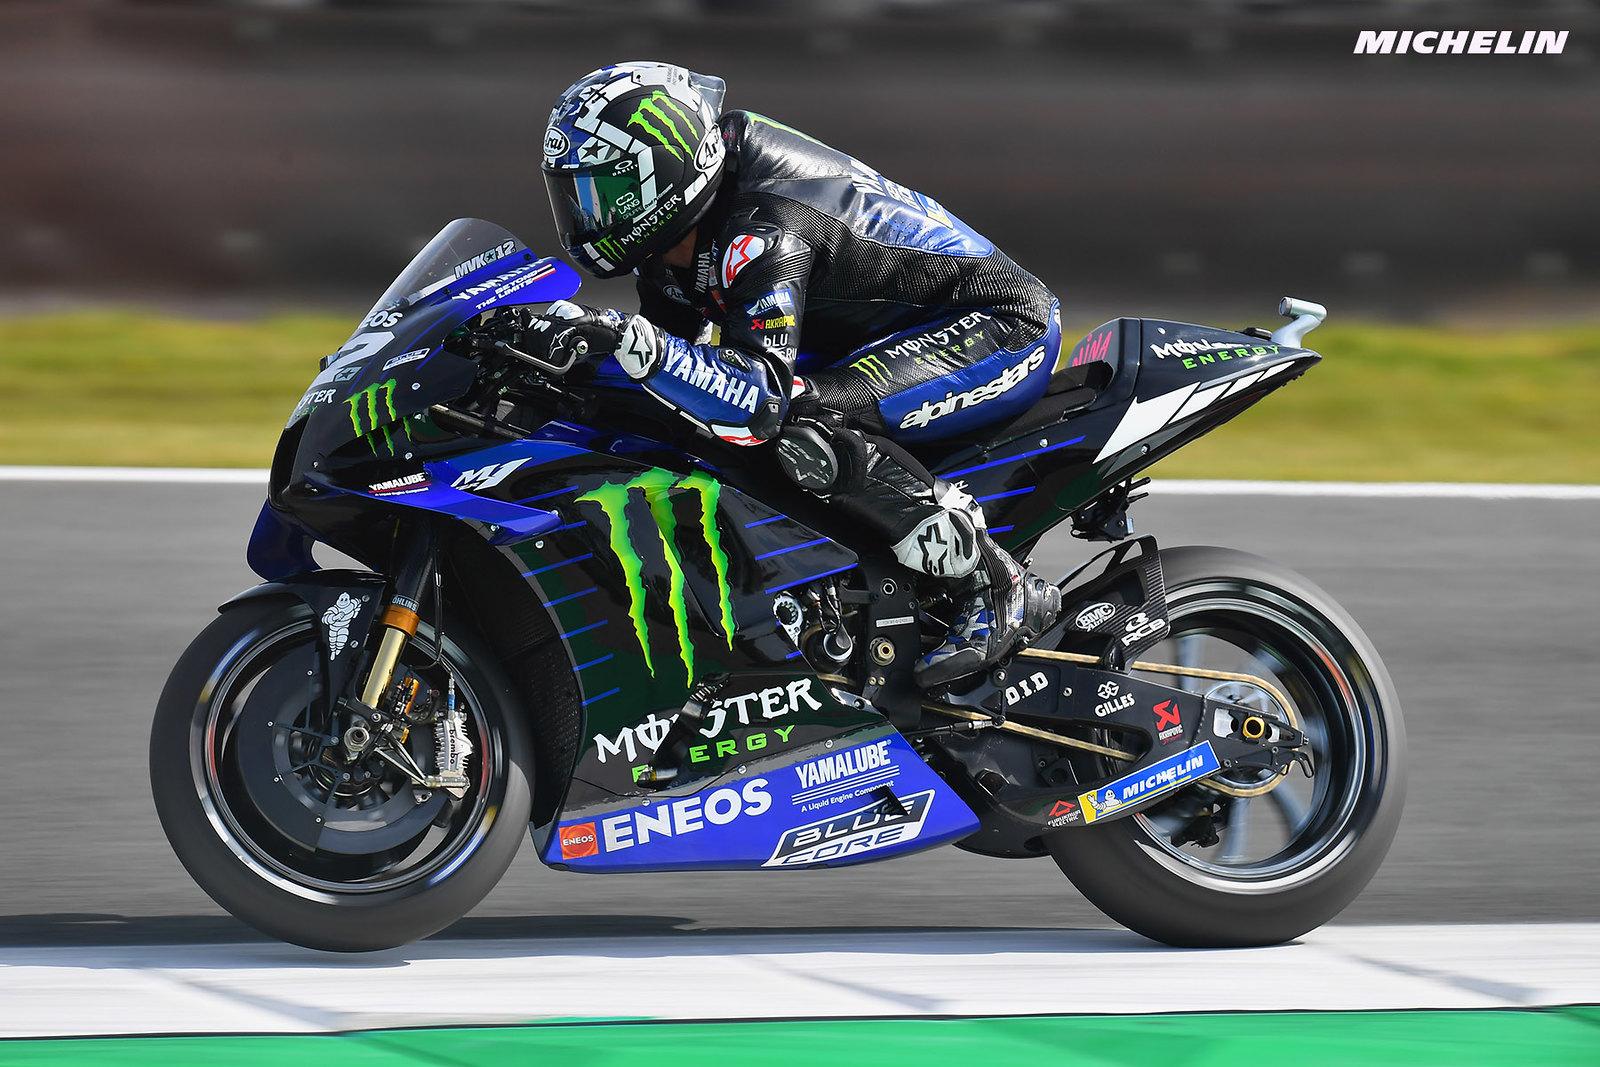 MotoGP2021 オランダGP 予選1位マーべリック・ビニャーレス「天候とタイヤ選択が重要になる」